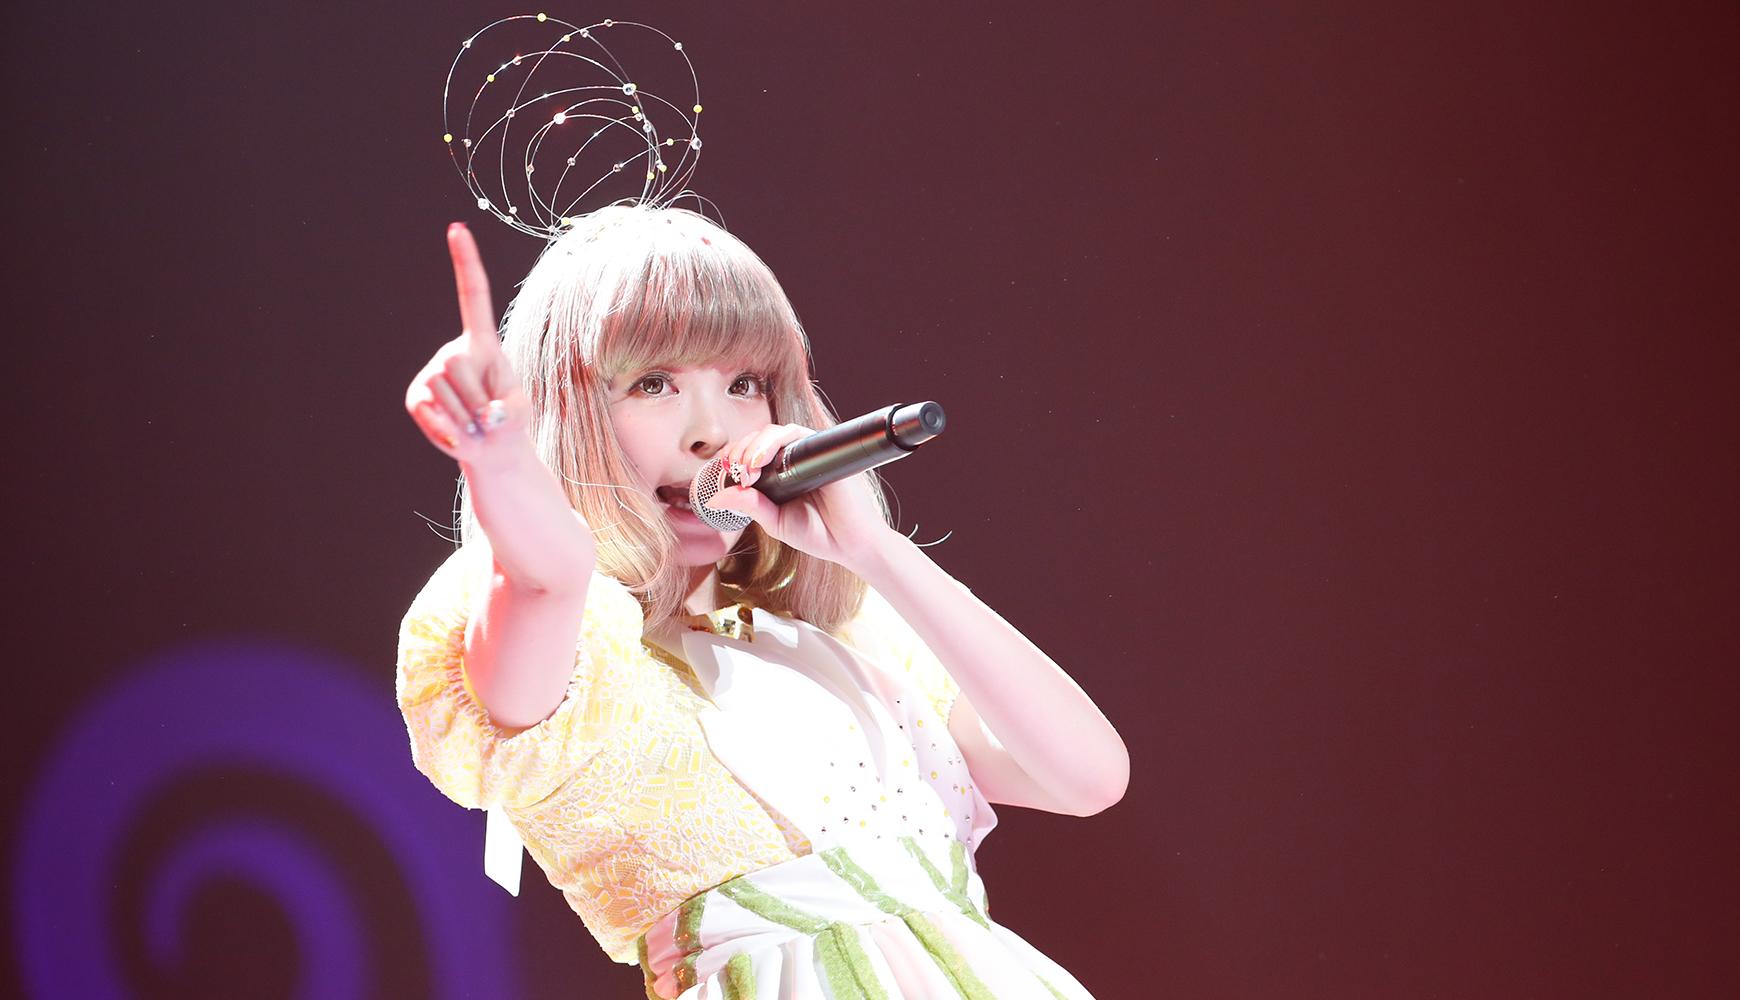 きゃりーぱみゅぱみゅ、ワールドツアー日本公演を武道館で開催! ニューシングルの発売も決定